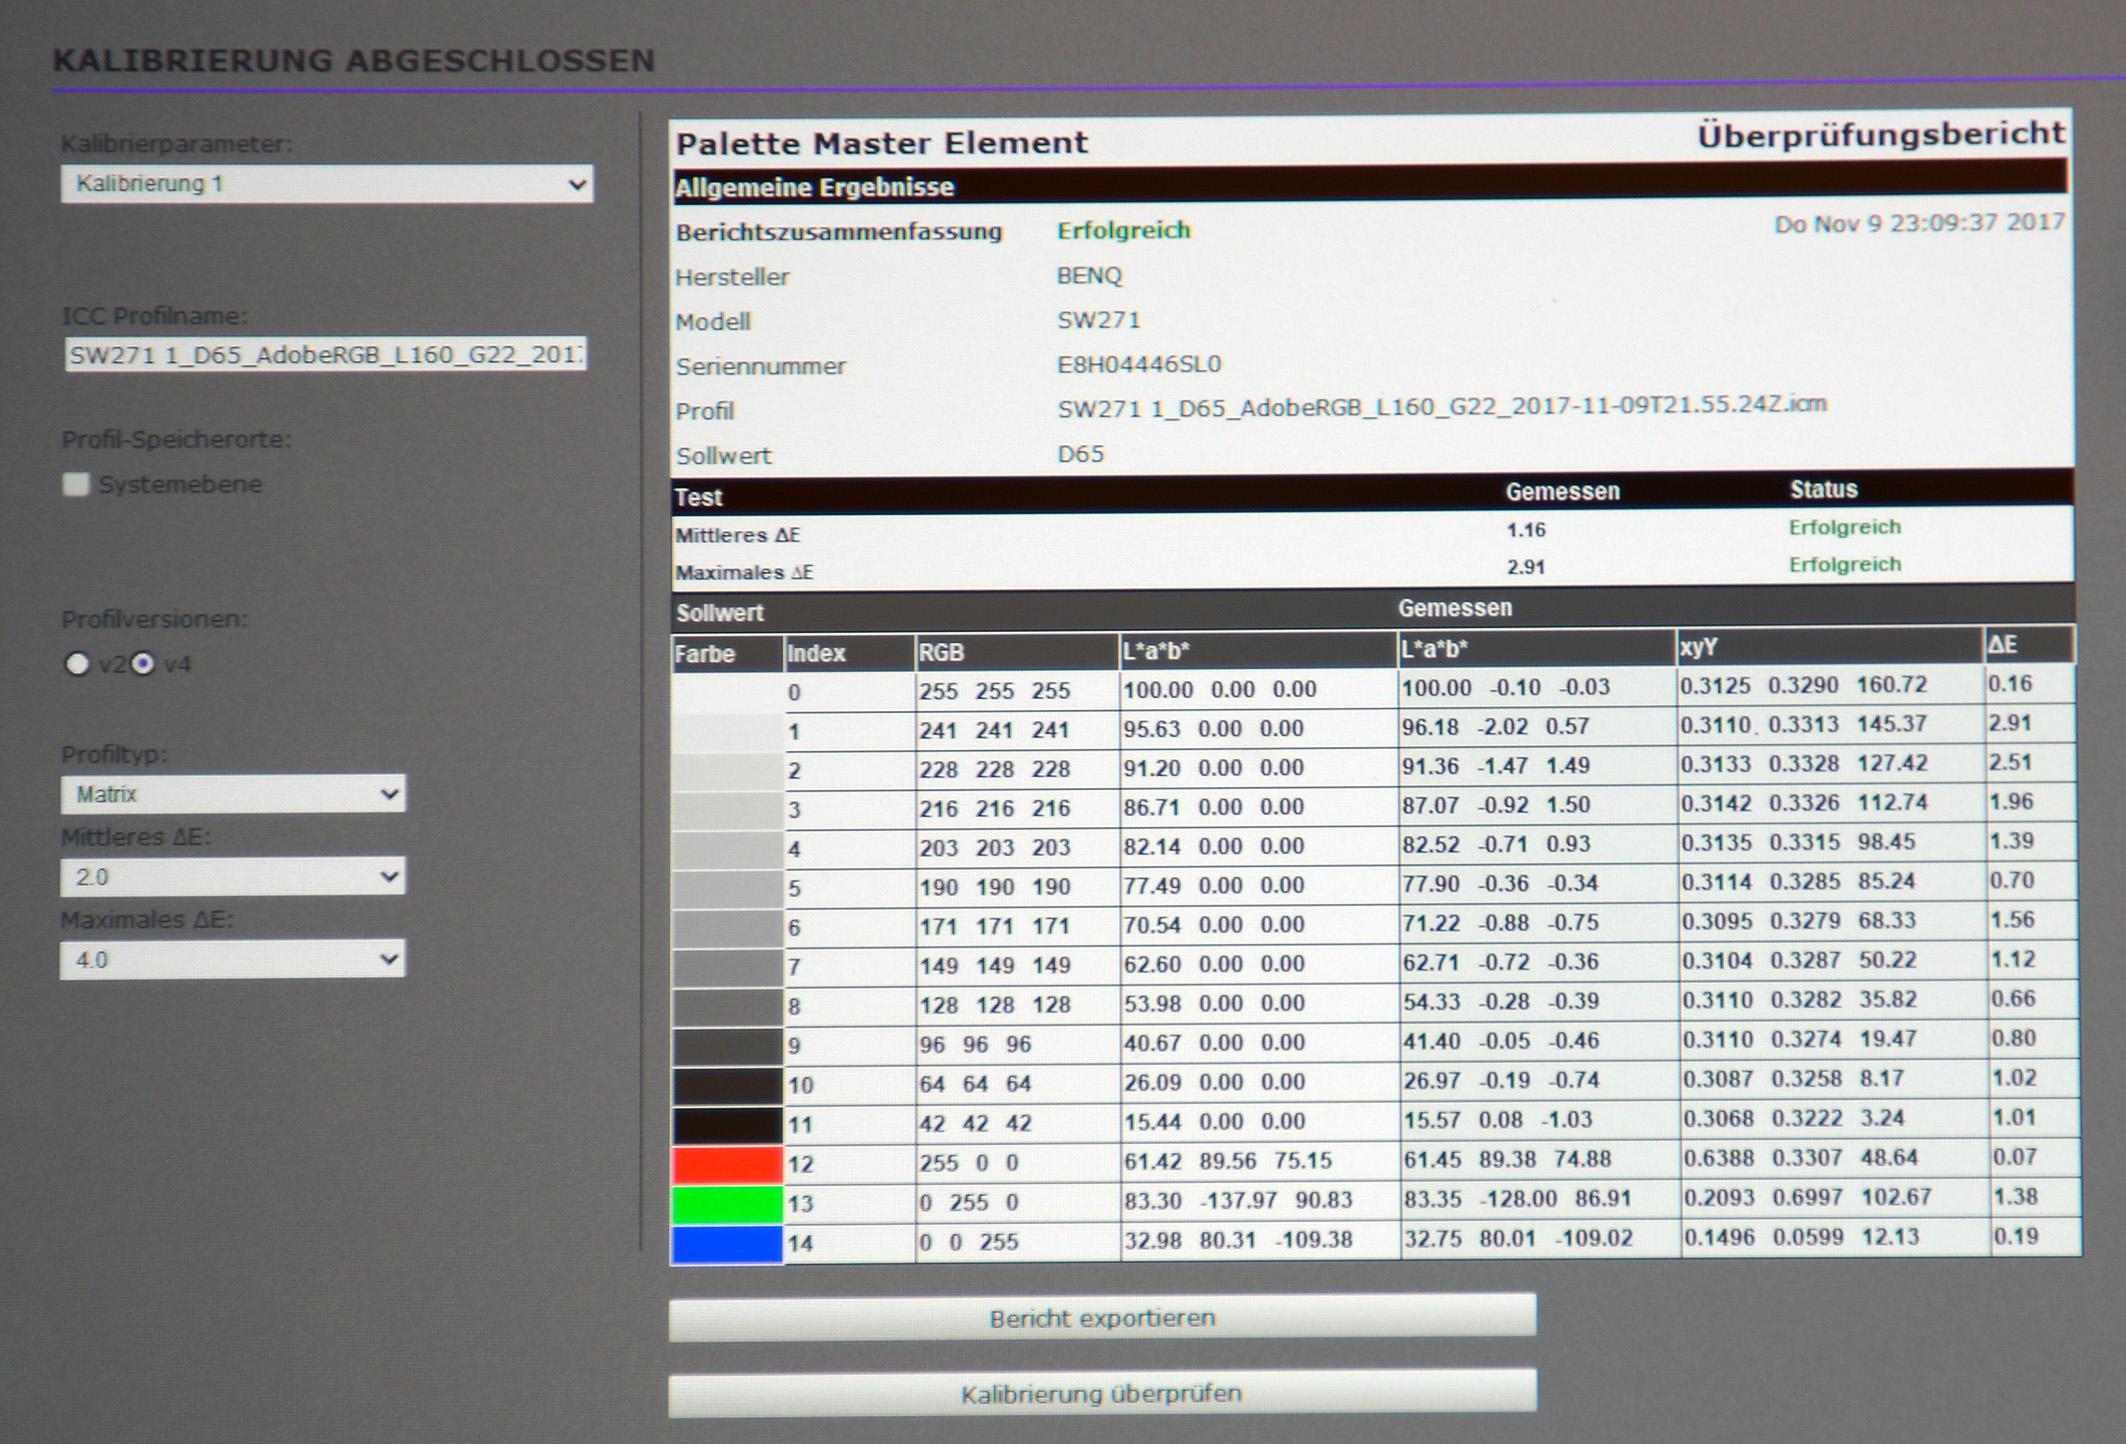 Nach der Hardware-Kalibrierung werden alle Messwerte aufgeführt. Die Delta-E-Werte der Primärfarben fallen fantastisch aus, so das präzise Farben gewährleistet sind.